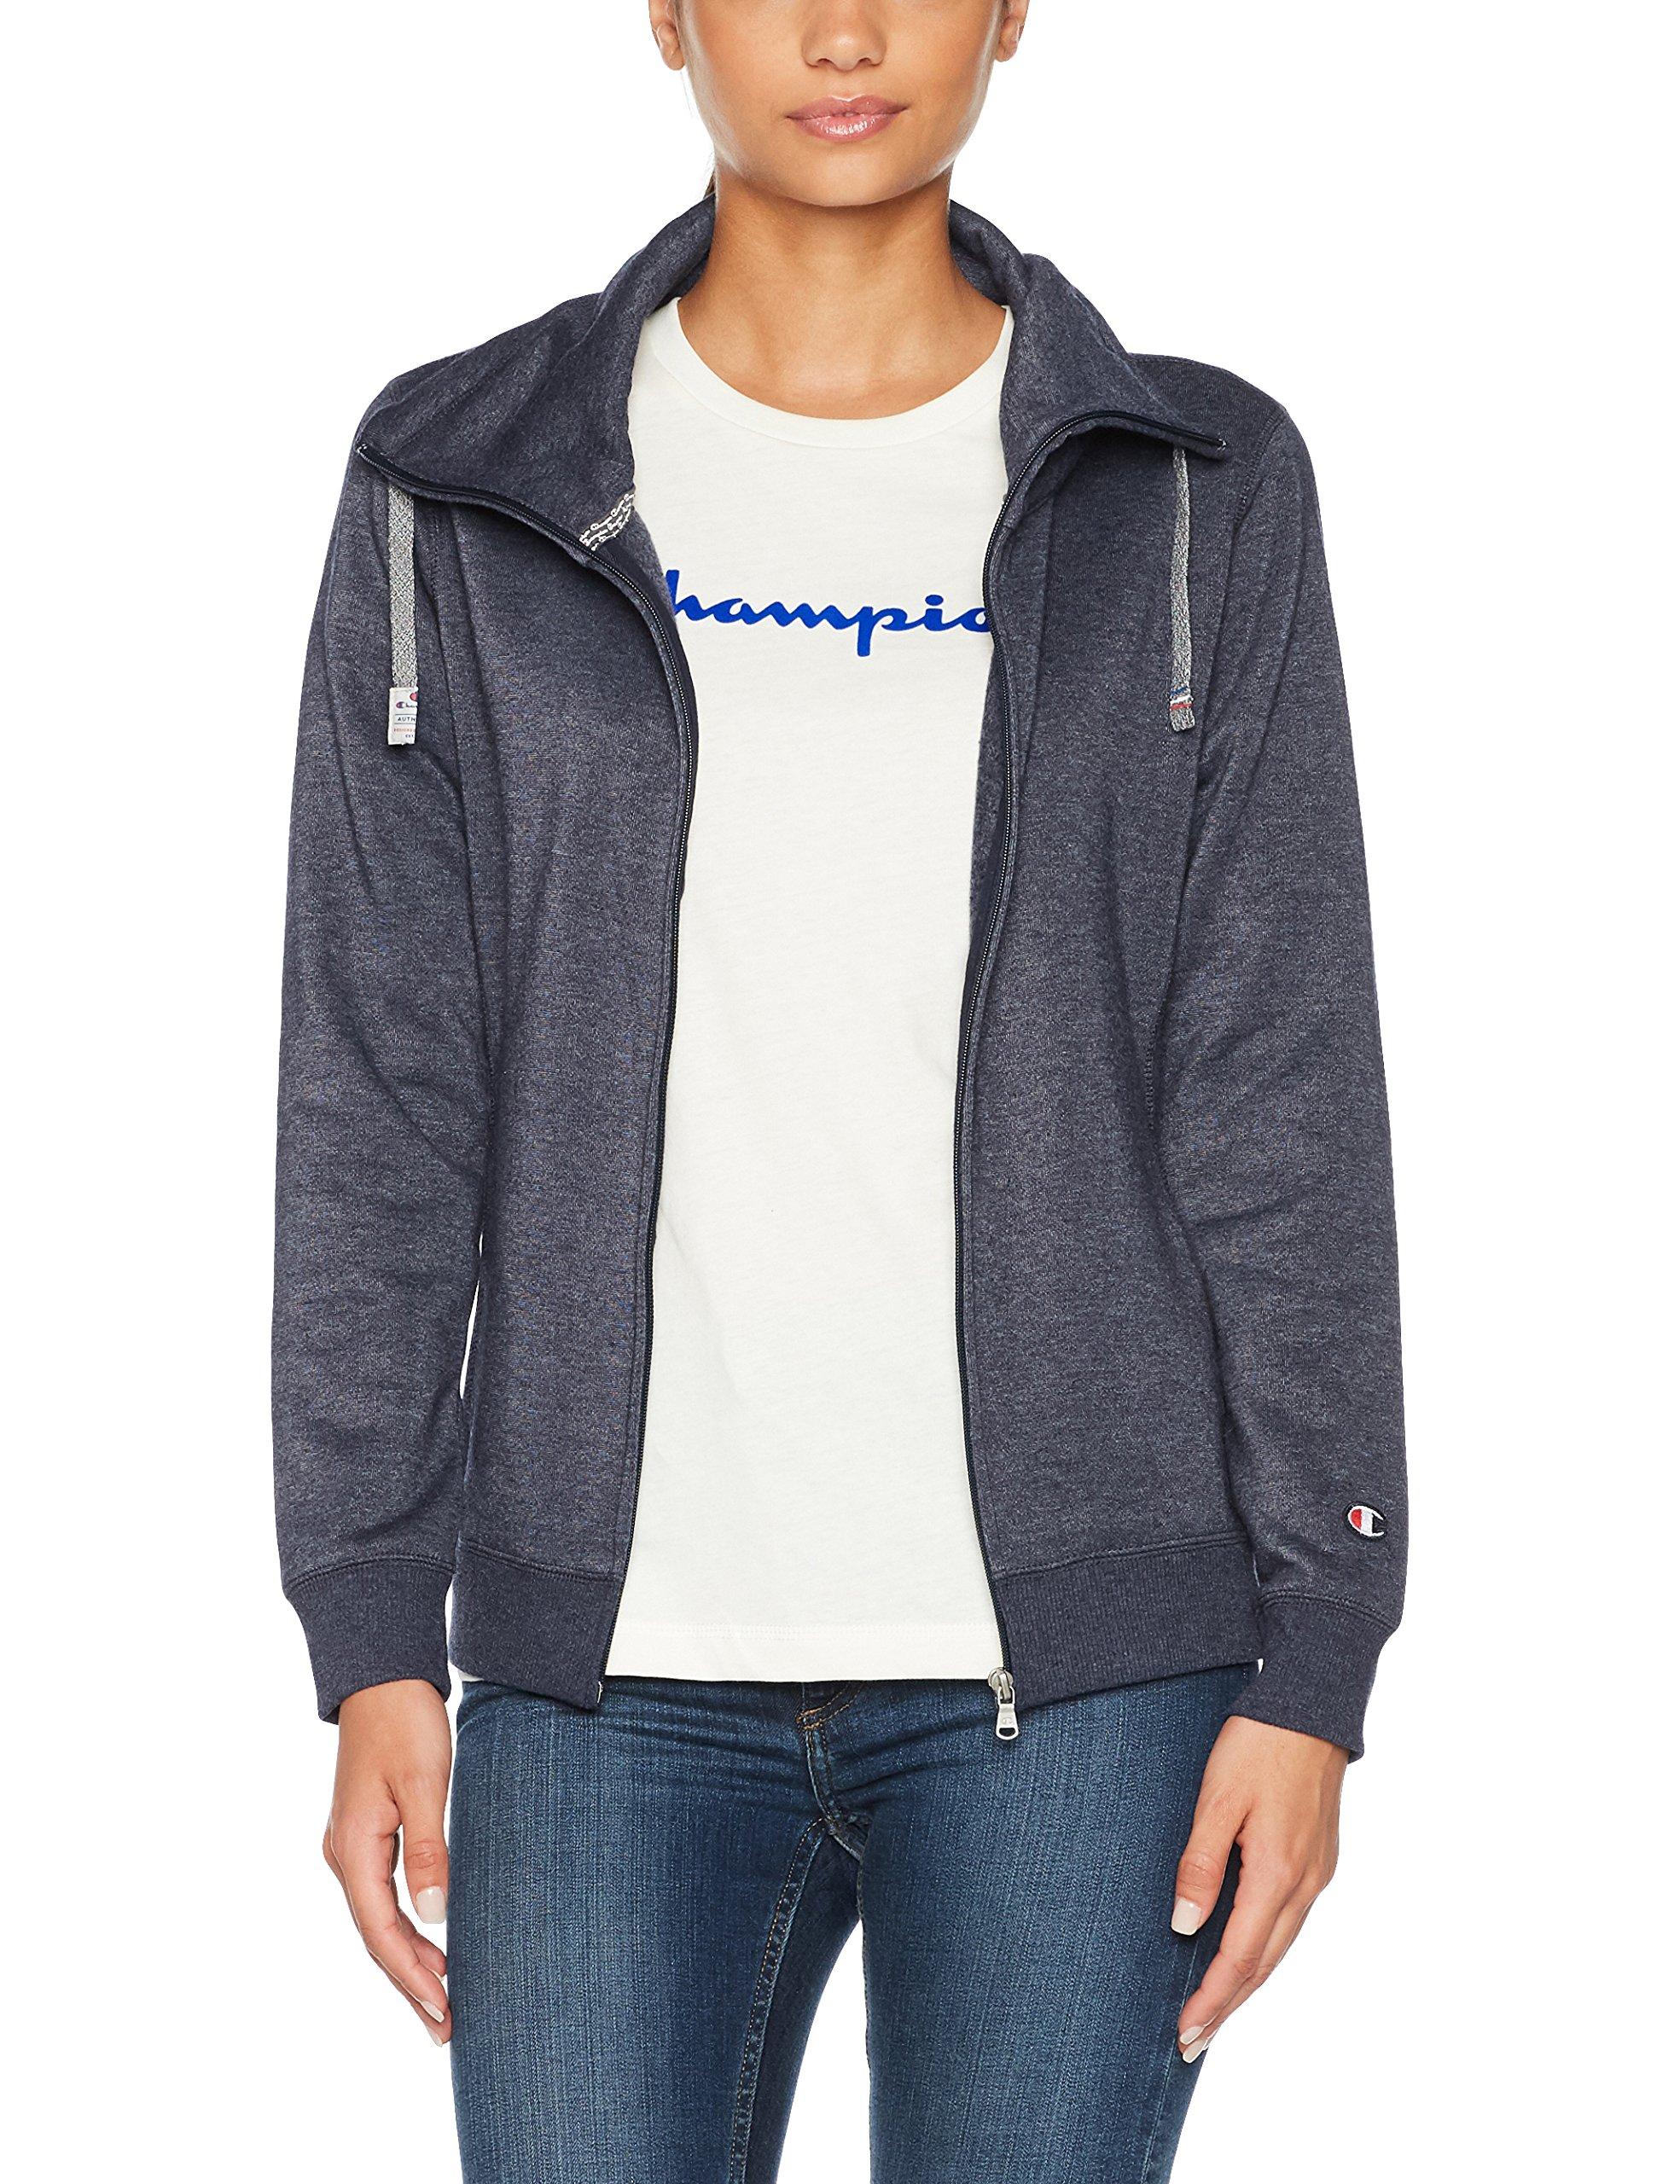 Sweatshirt FabricantL FemmeBleuznnyLargetaille Champion institutionalsSweat shirt 54ASqRjc3L